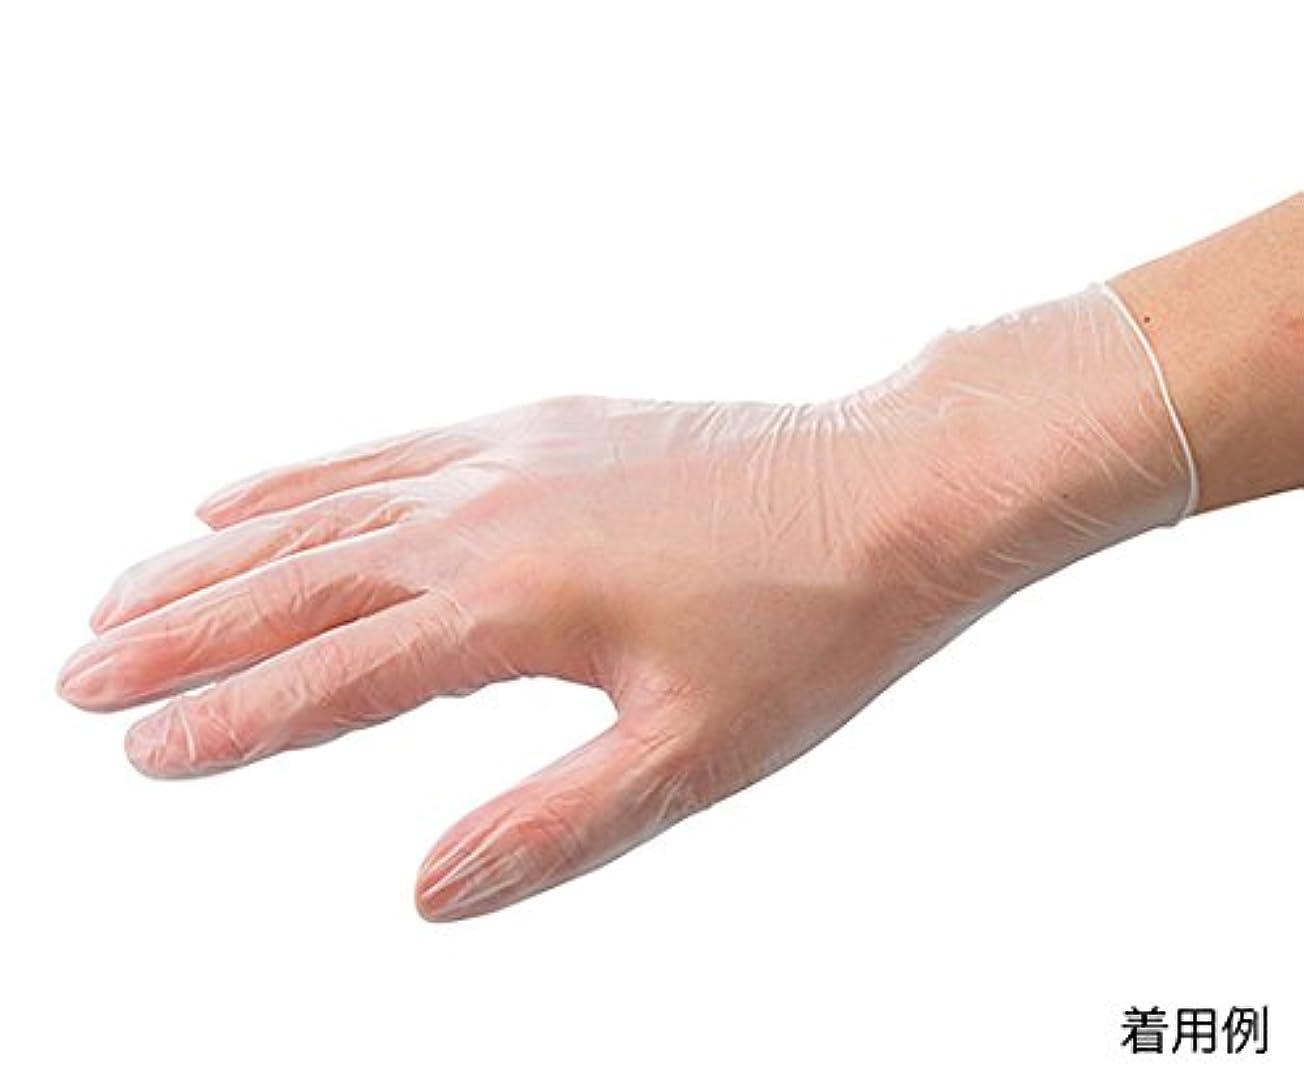 腕嘆く火ARメディコム・インク・アジアリミテッド7-3727-02バイタルプラスチック手袋(パウダー付き)M150枚入